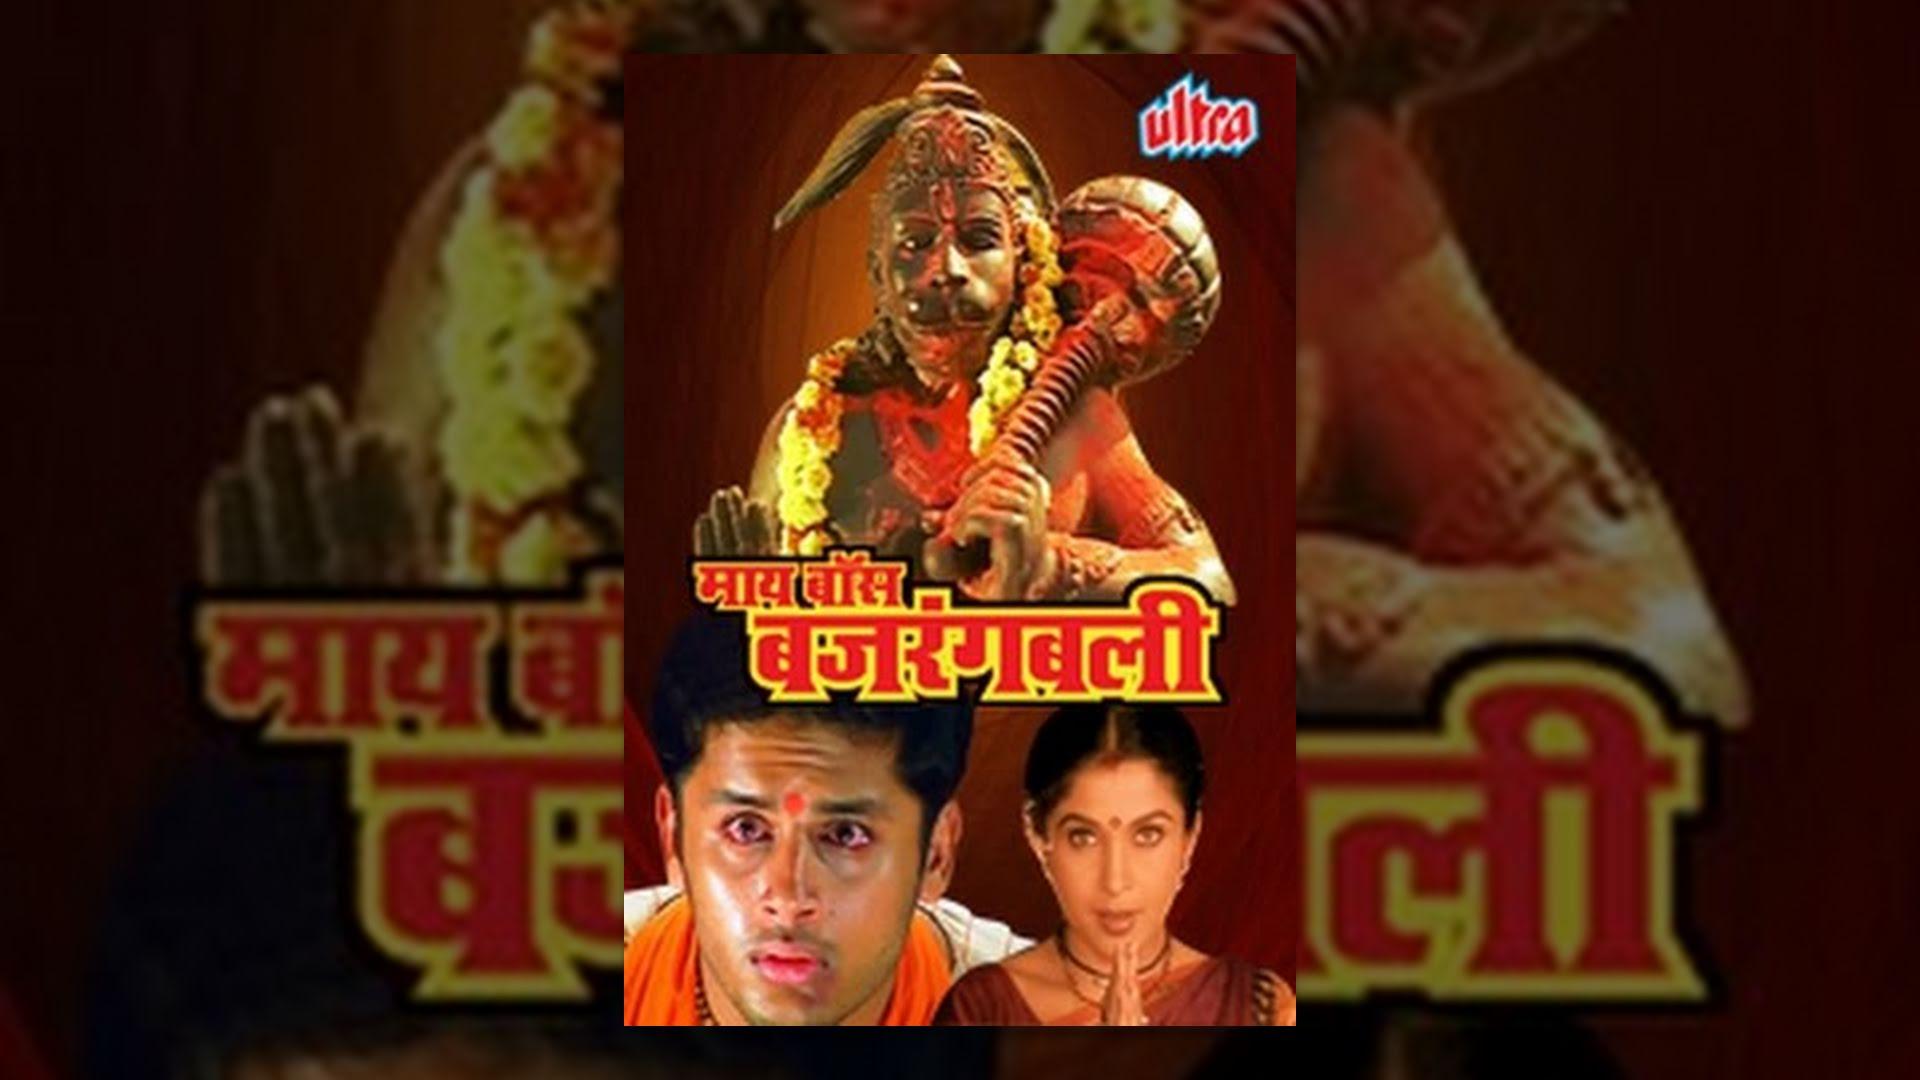 My Boss Bajrangbali | Full Movie | Sri Anjaneyam | Nitin | Charmi Kaur | Hindi Dubbed Movie